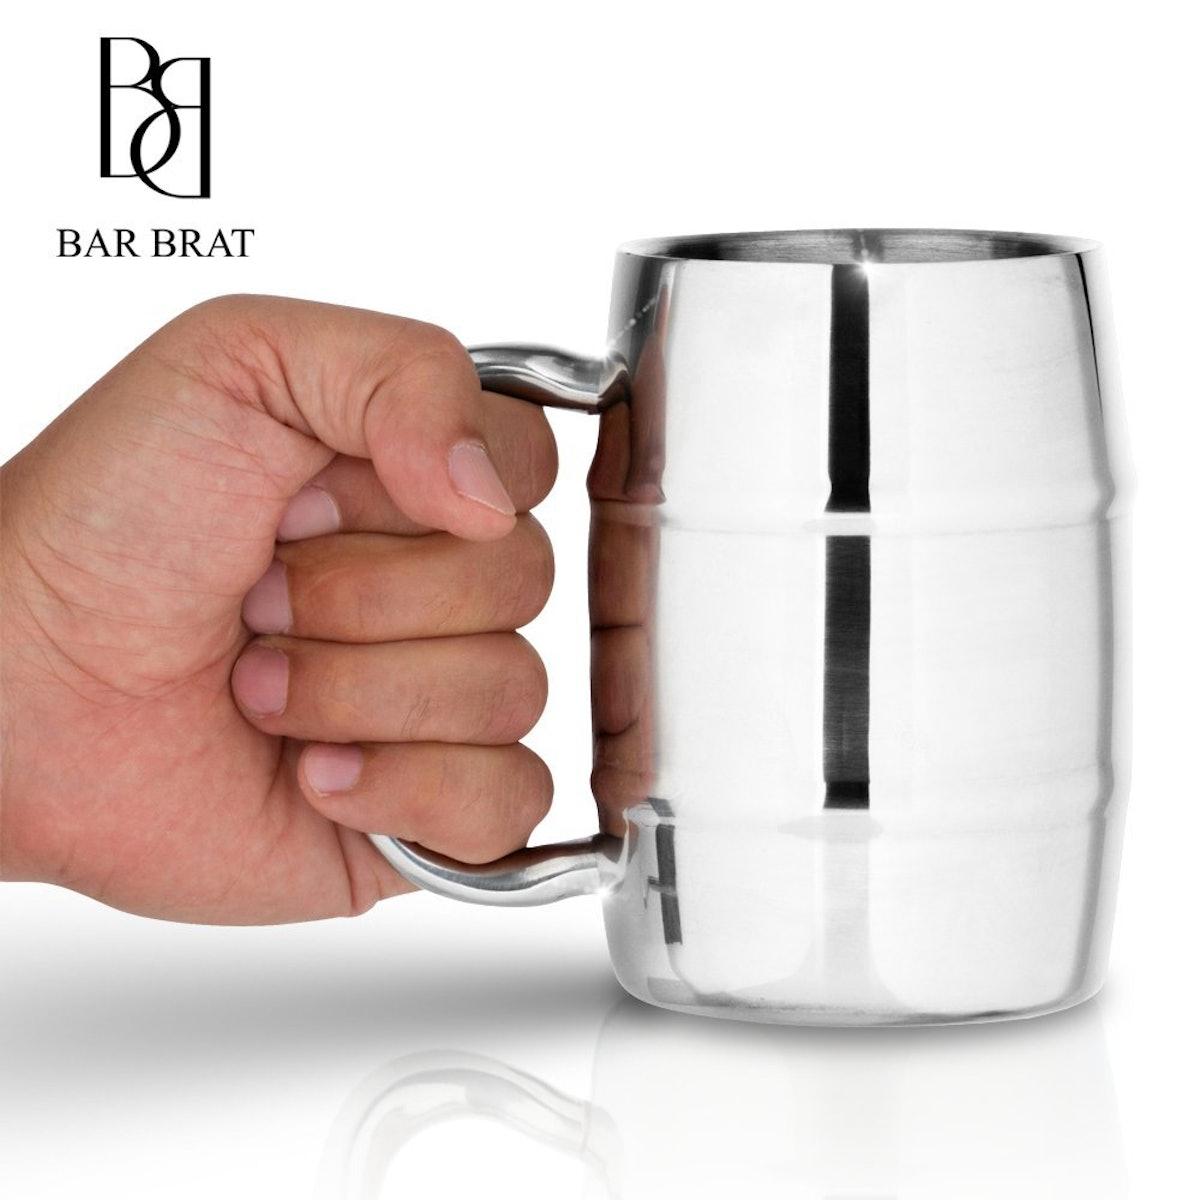 Bar Brat Insulated Mug